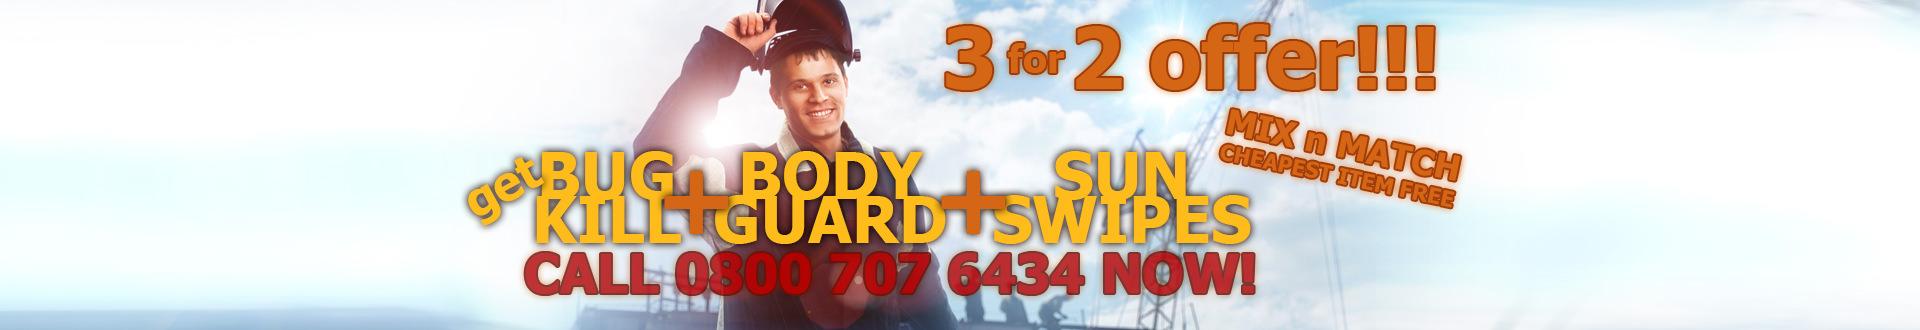 Slideshow-MASTER-Summer-offer